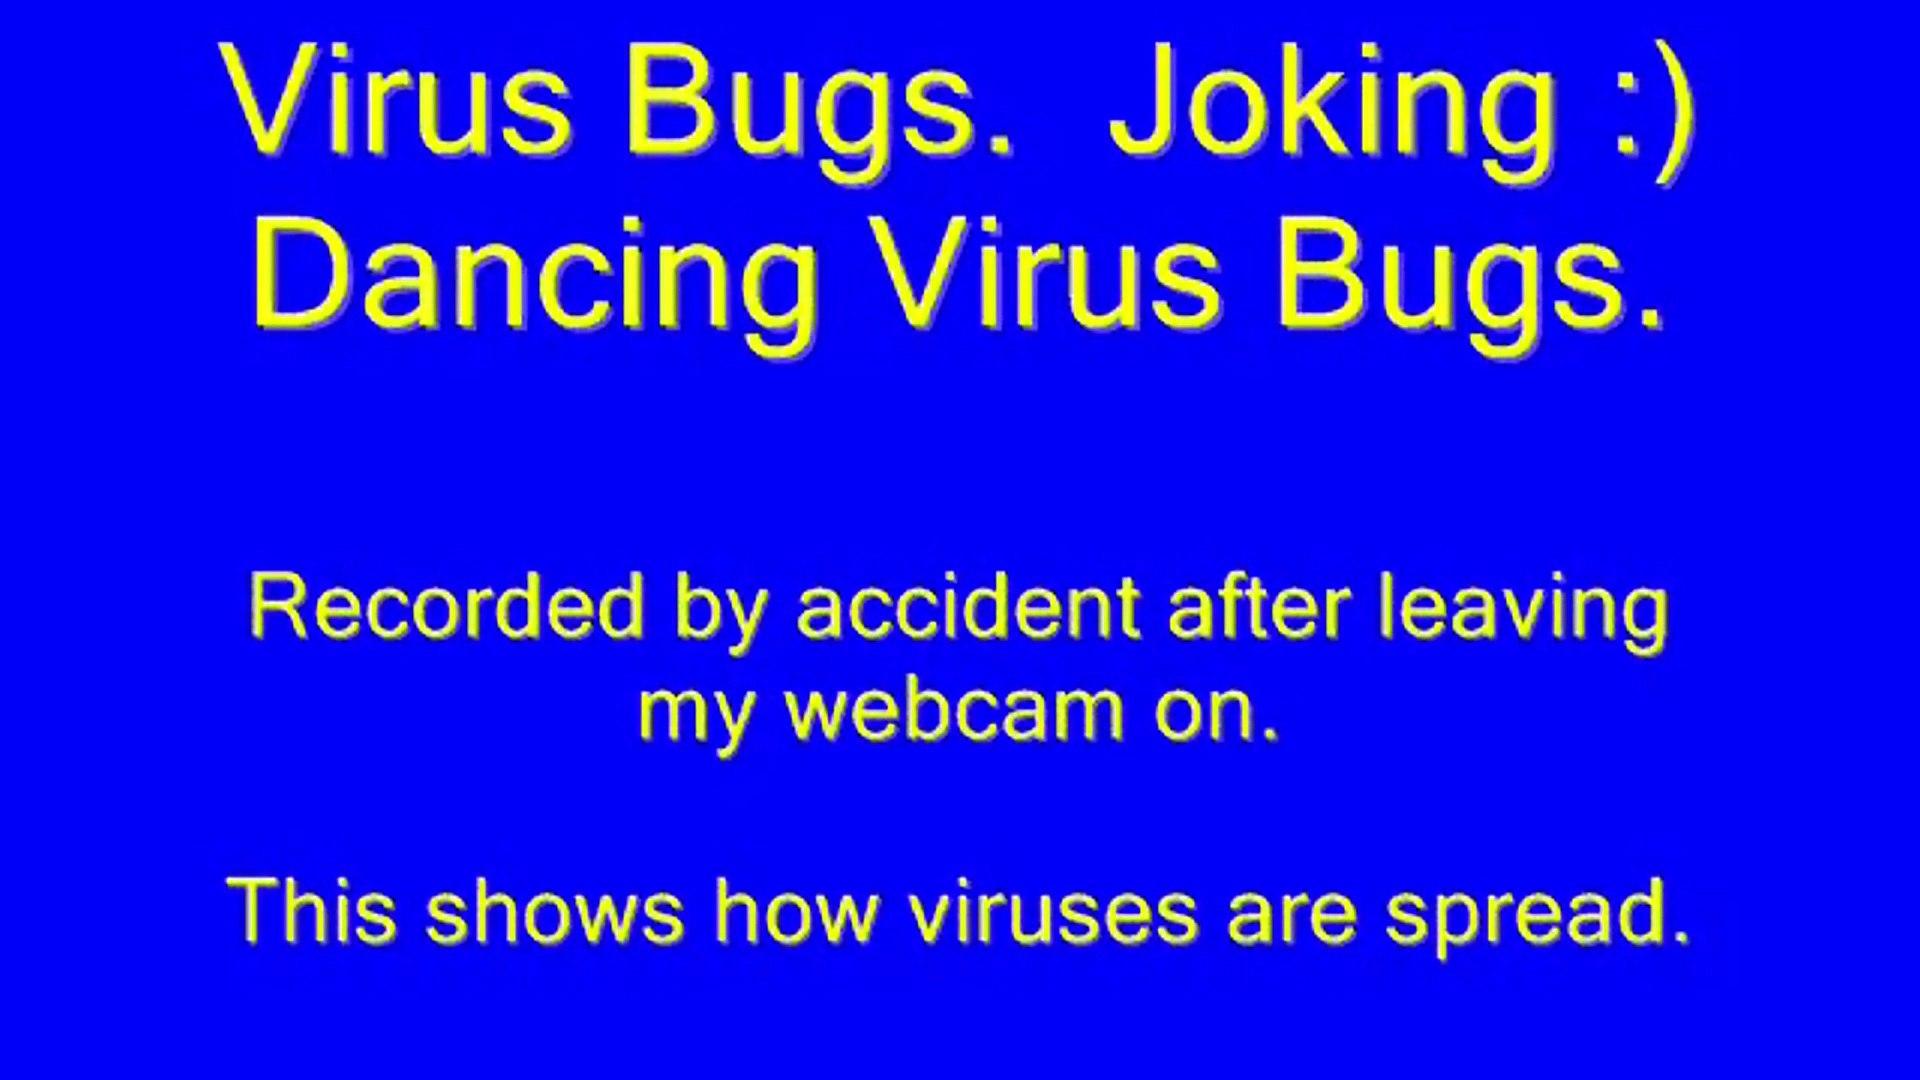 Virus Bugs. Joking Dancing Virus Bugs. Animation